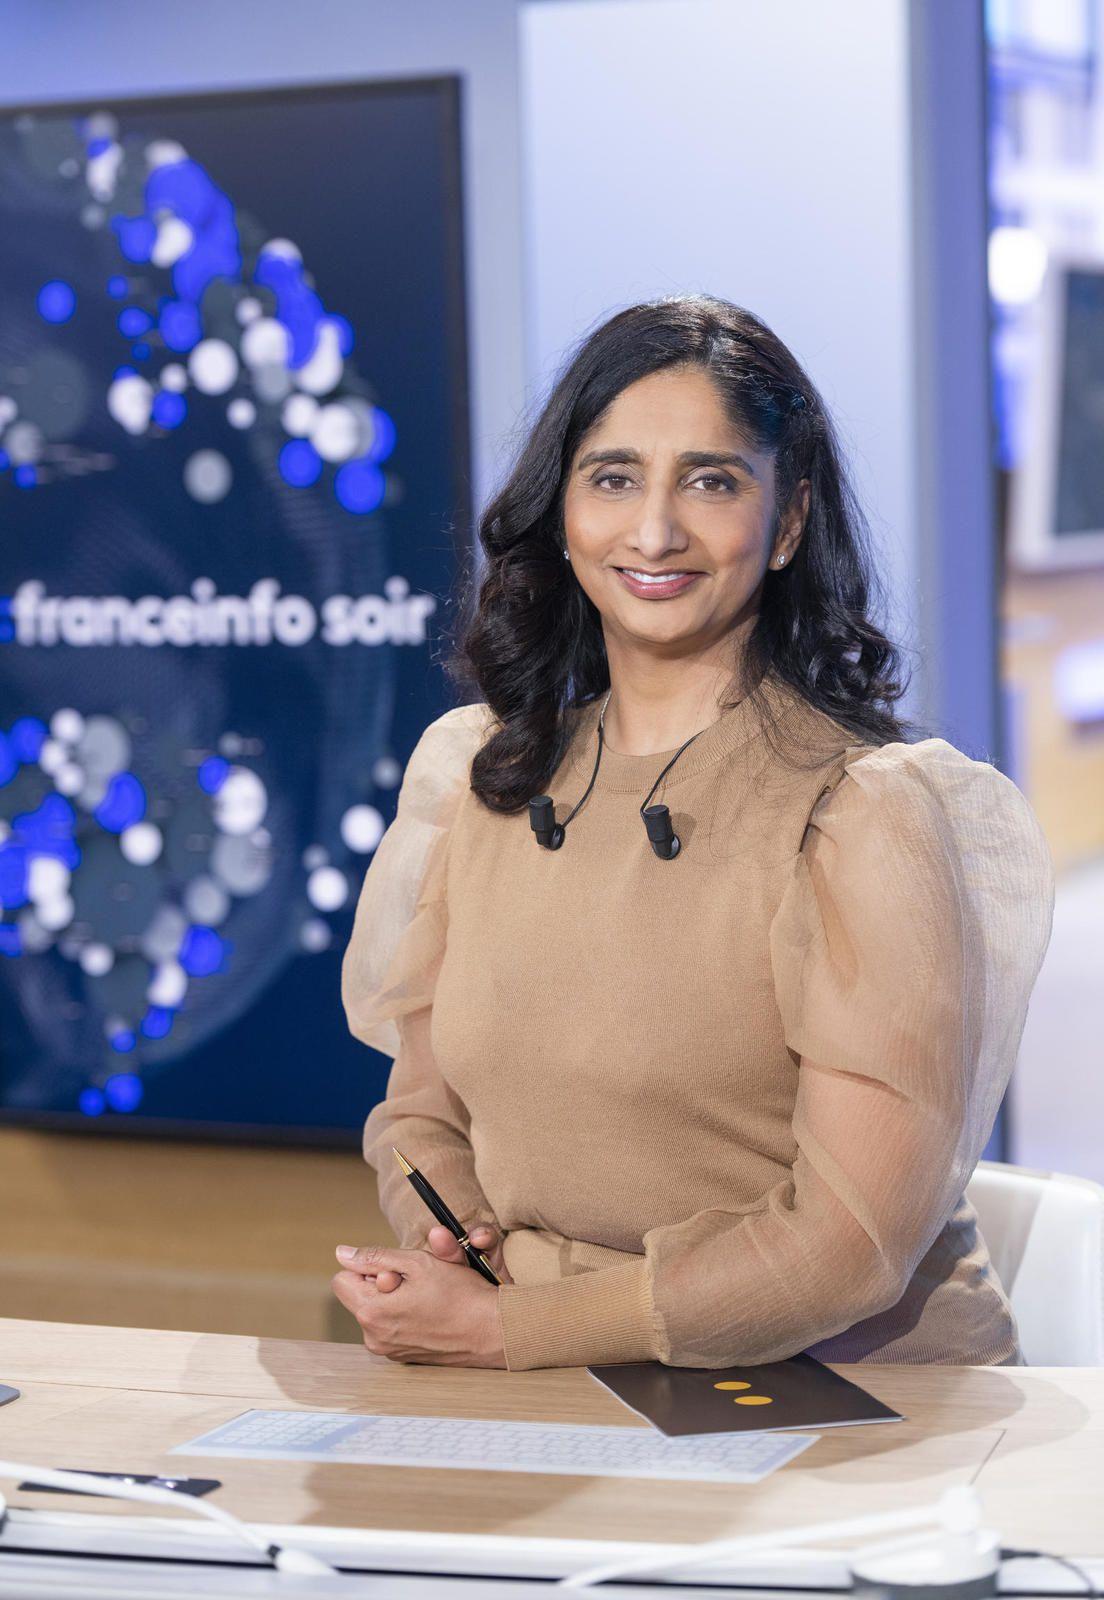 Allocution du Président de la République : Édition spéciale sur franceinfo dimanche de 19 à 23h.